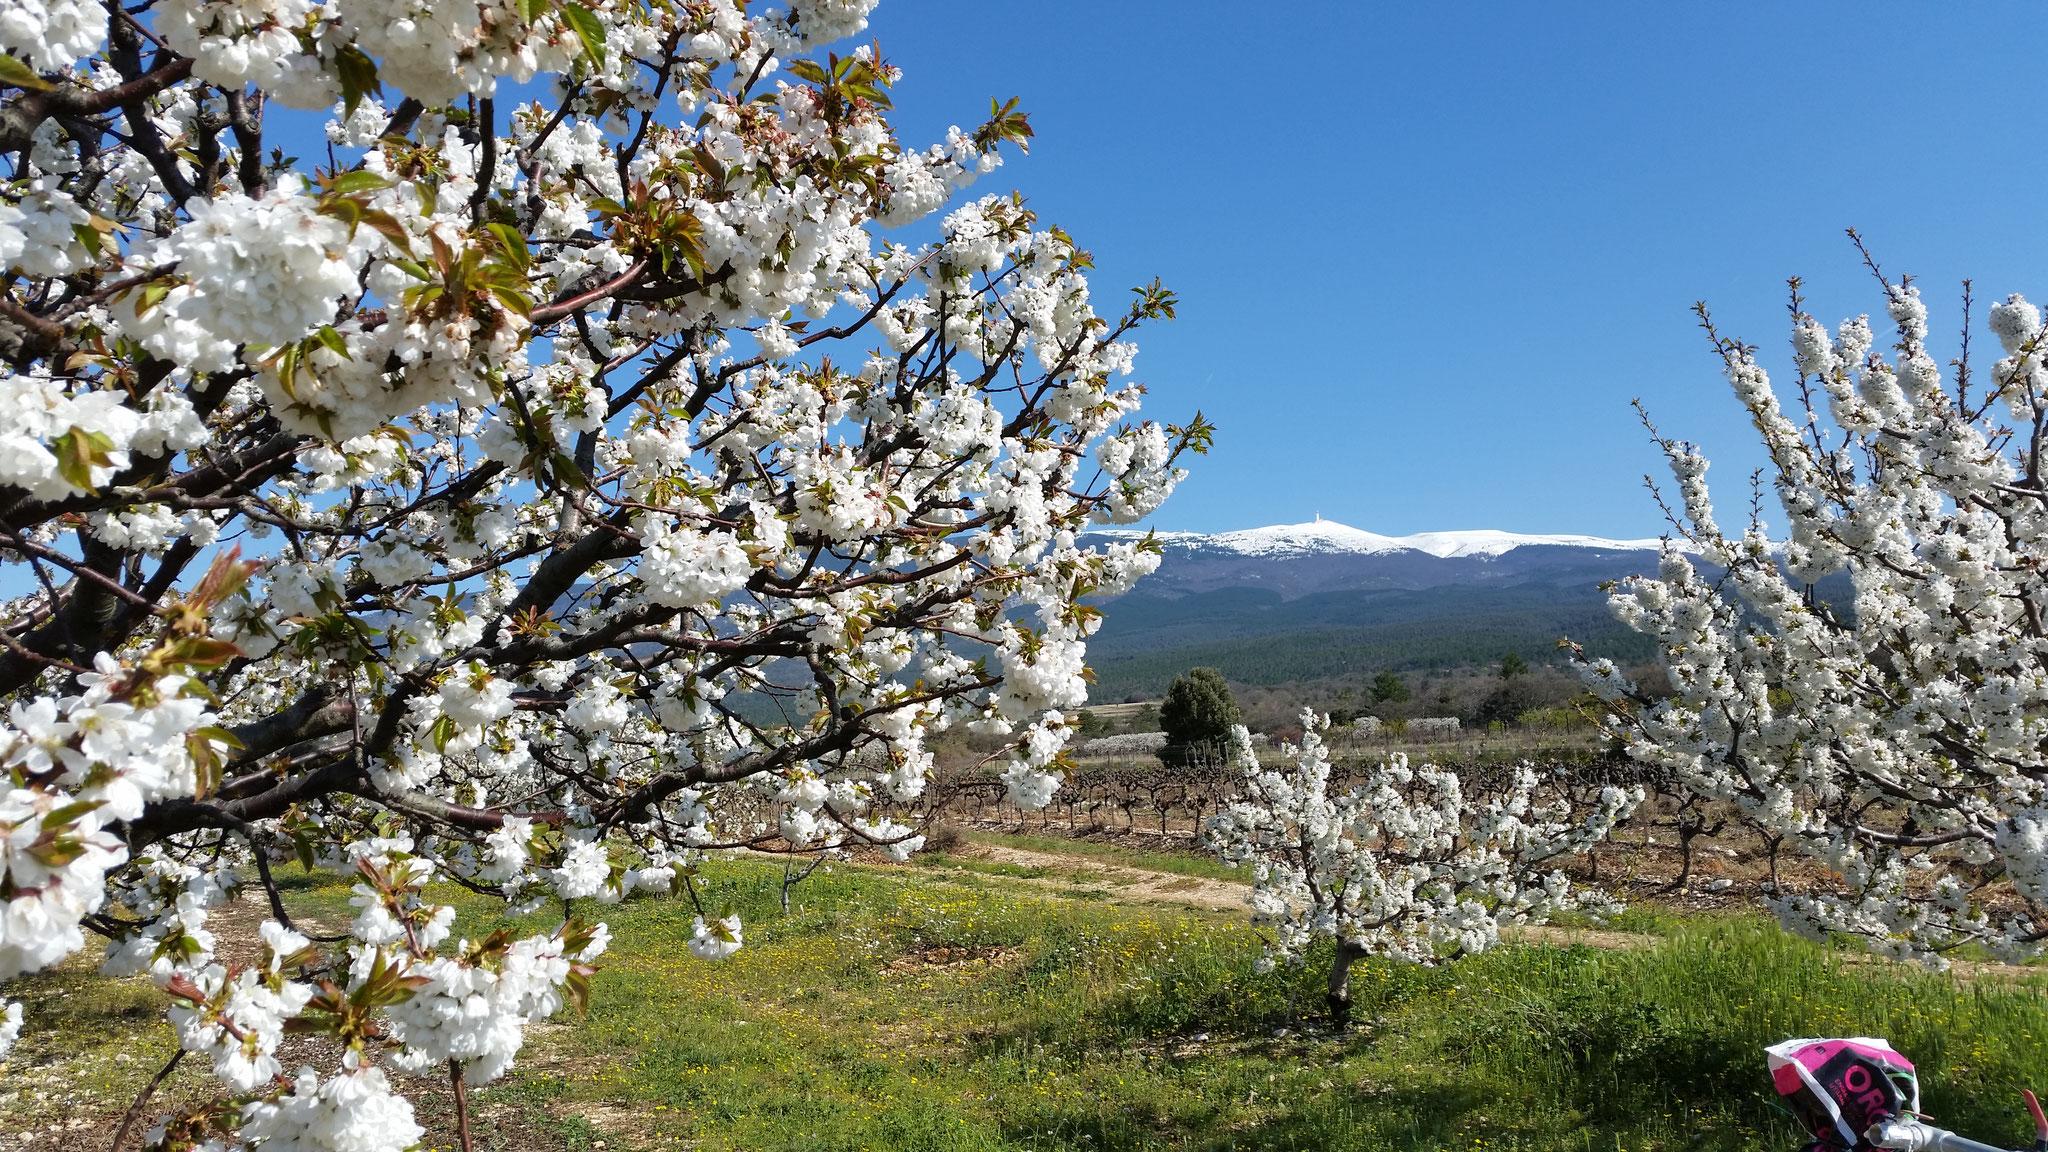 loucardaline-bedoin-ventoux-chambre d hotes-gites-cerisier en fleur-vaucluse